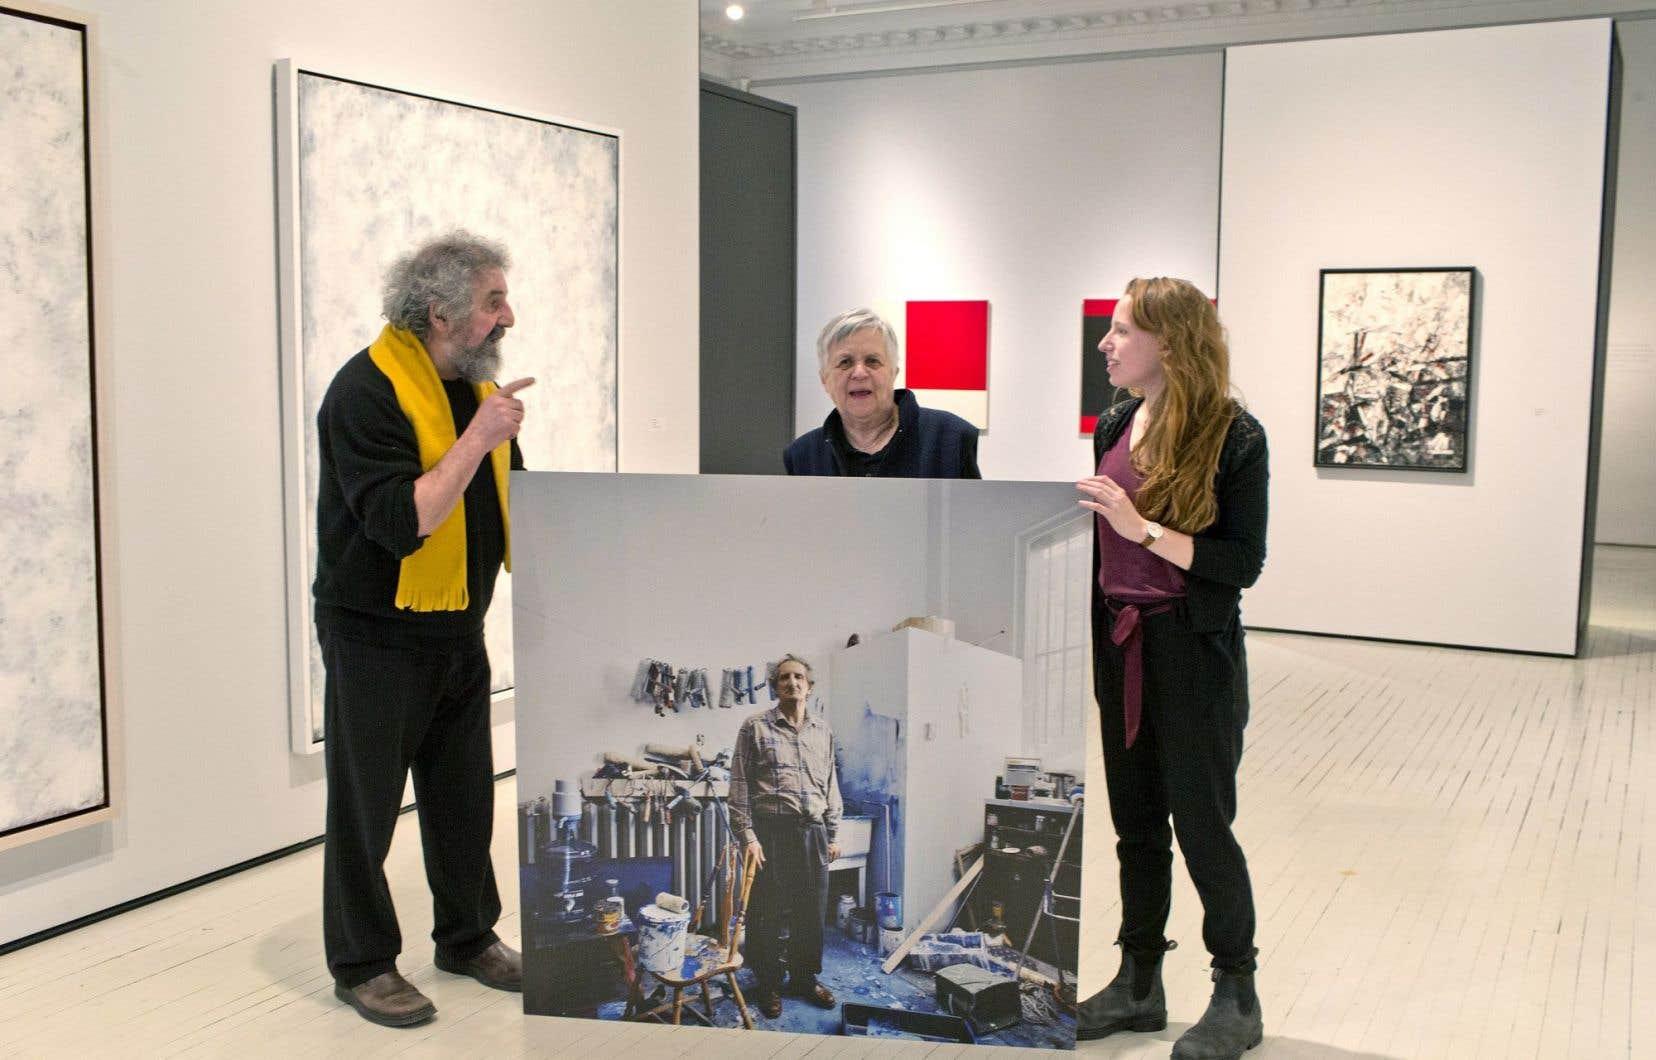 Gilles Daigneault, directeur de la Fondation Molinari, Lise Lamarche, historienne de l'art, et Lisa Bouraly, coordonnatrice du projet L'Actuelle, derrière une photo de Molinari dans son atelier